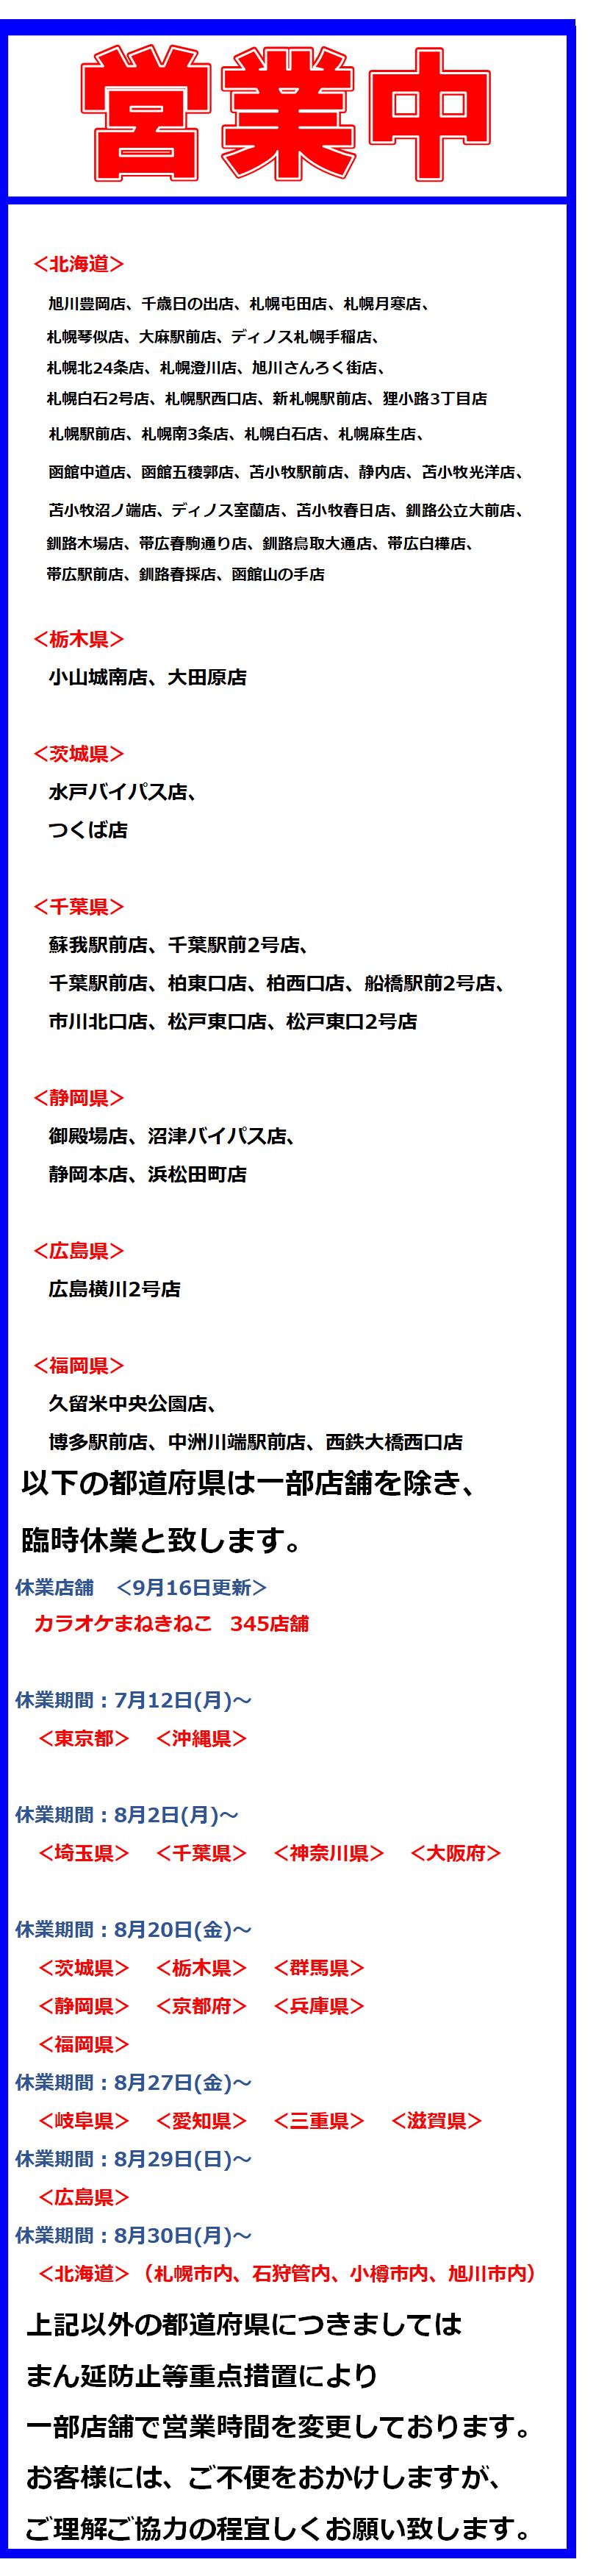 カラオケまねきねこの一部営業店舗のお知らせのキャンペーン・フェアの詳細